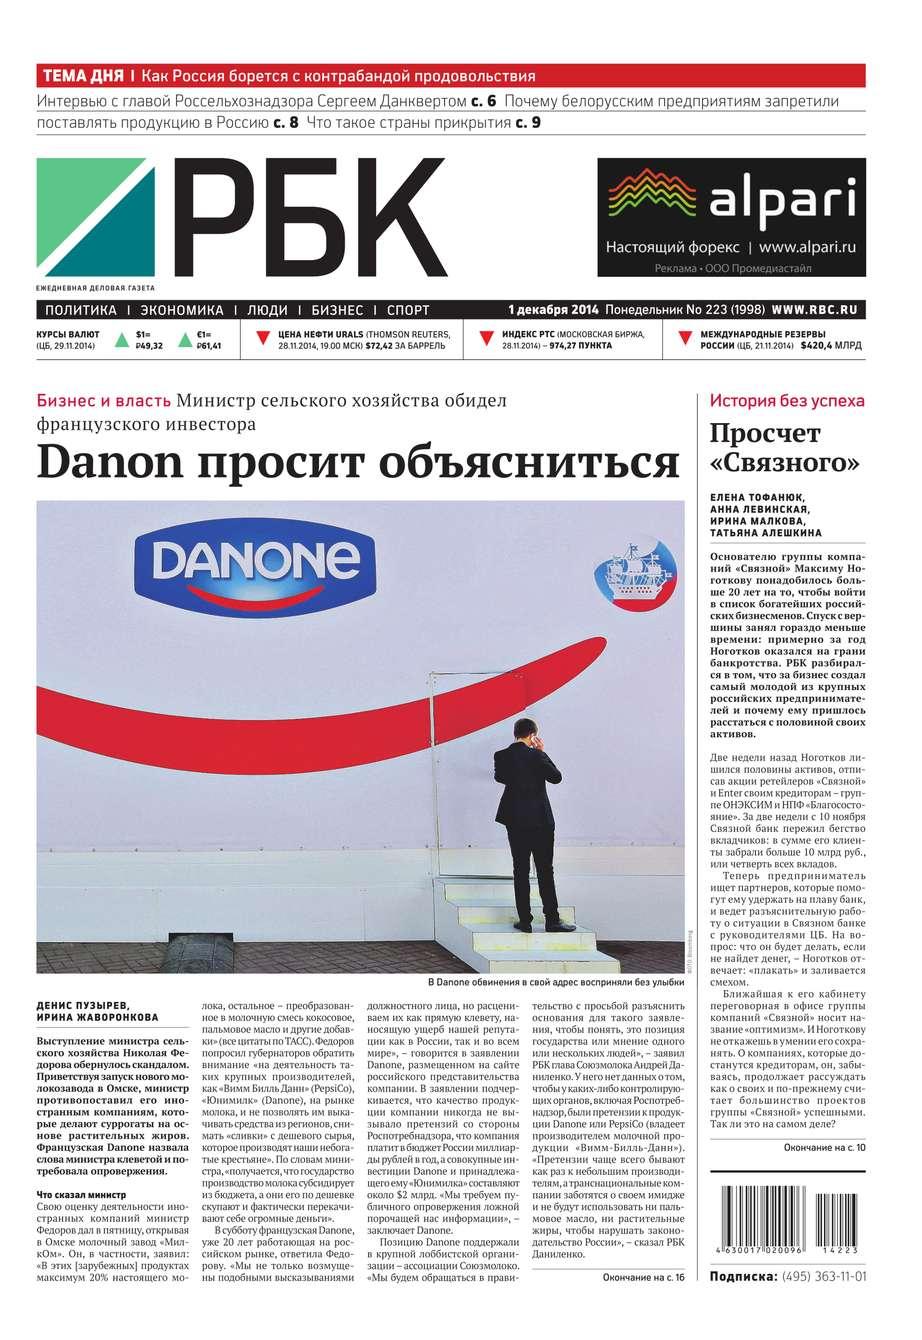 Ежедневная деловая газета РБК 223 п